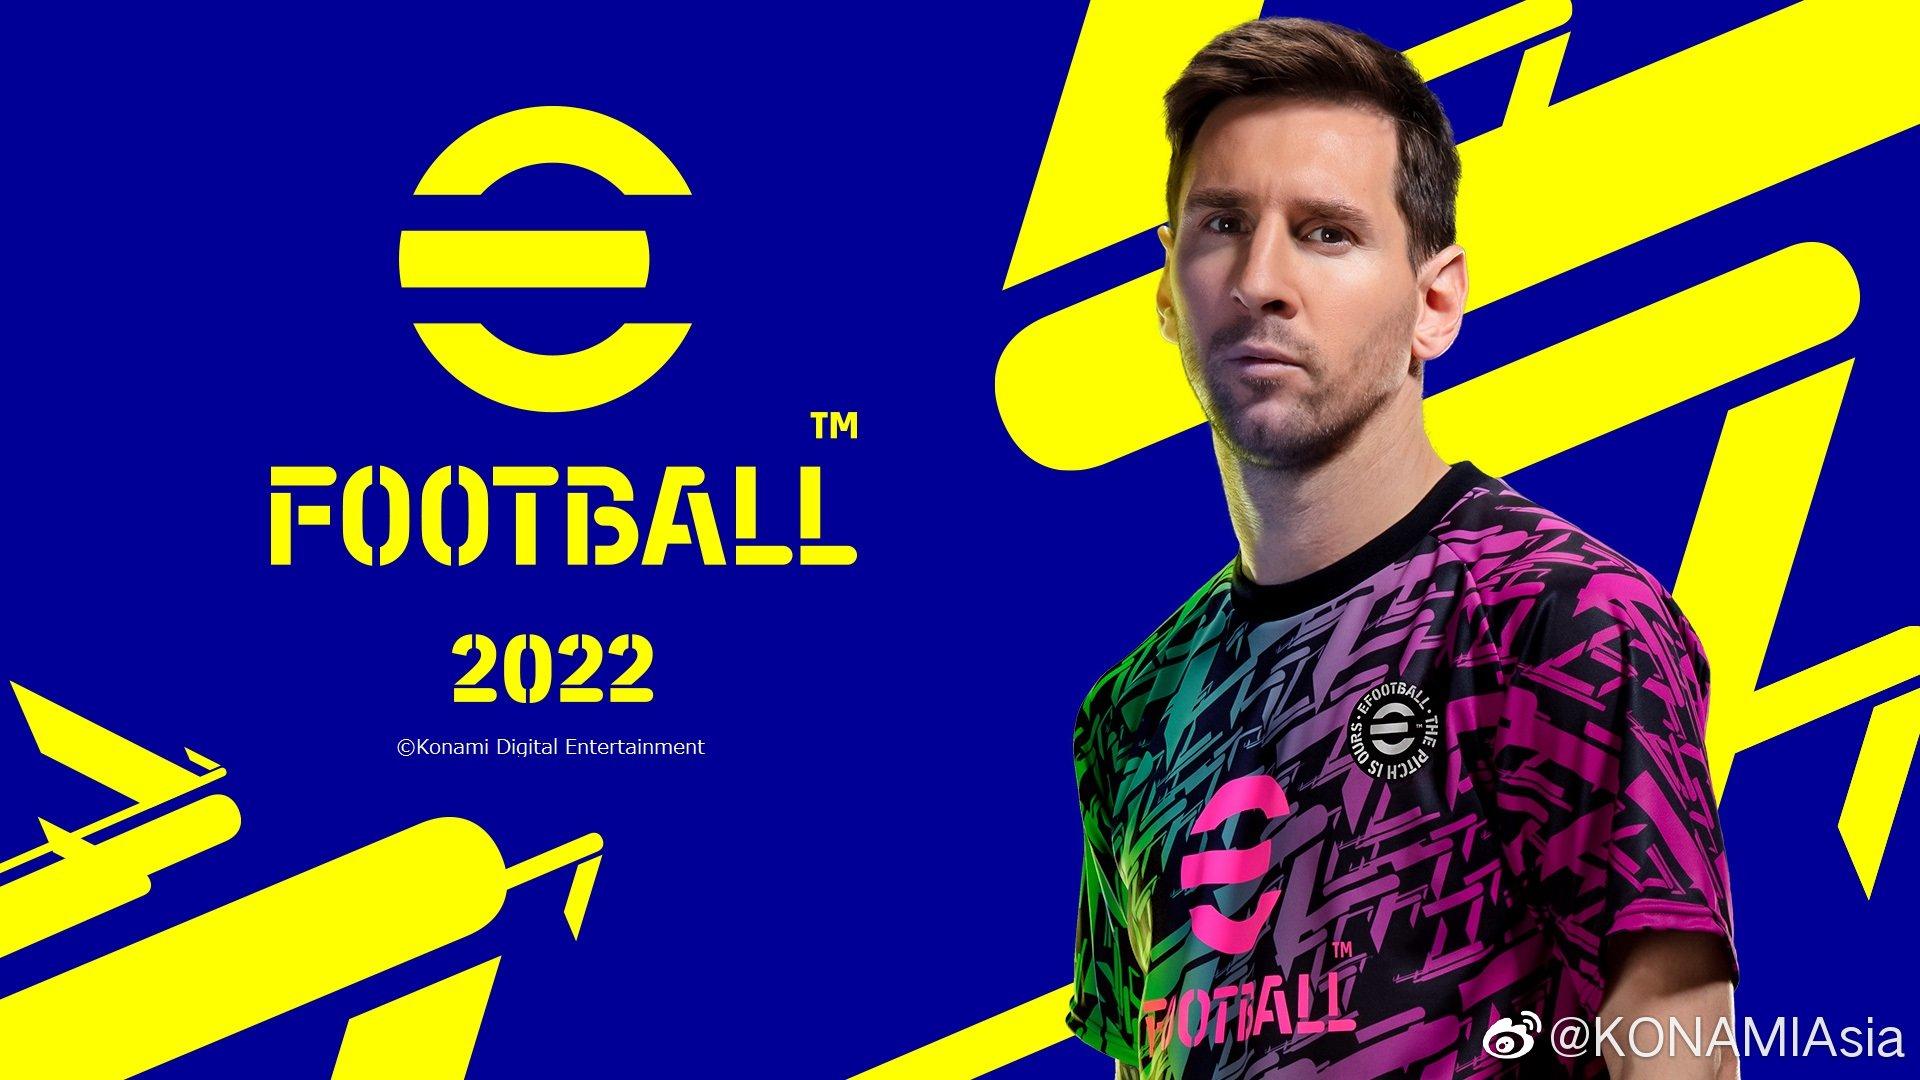 《eFootball》9月30日收费出售 首发共9支步队